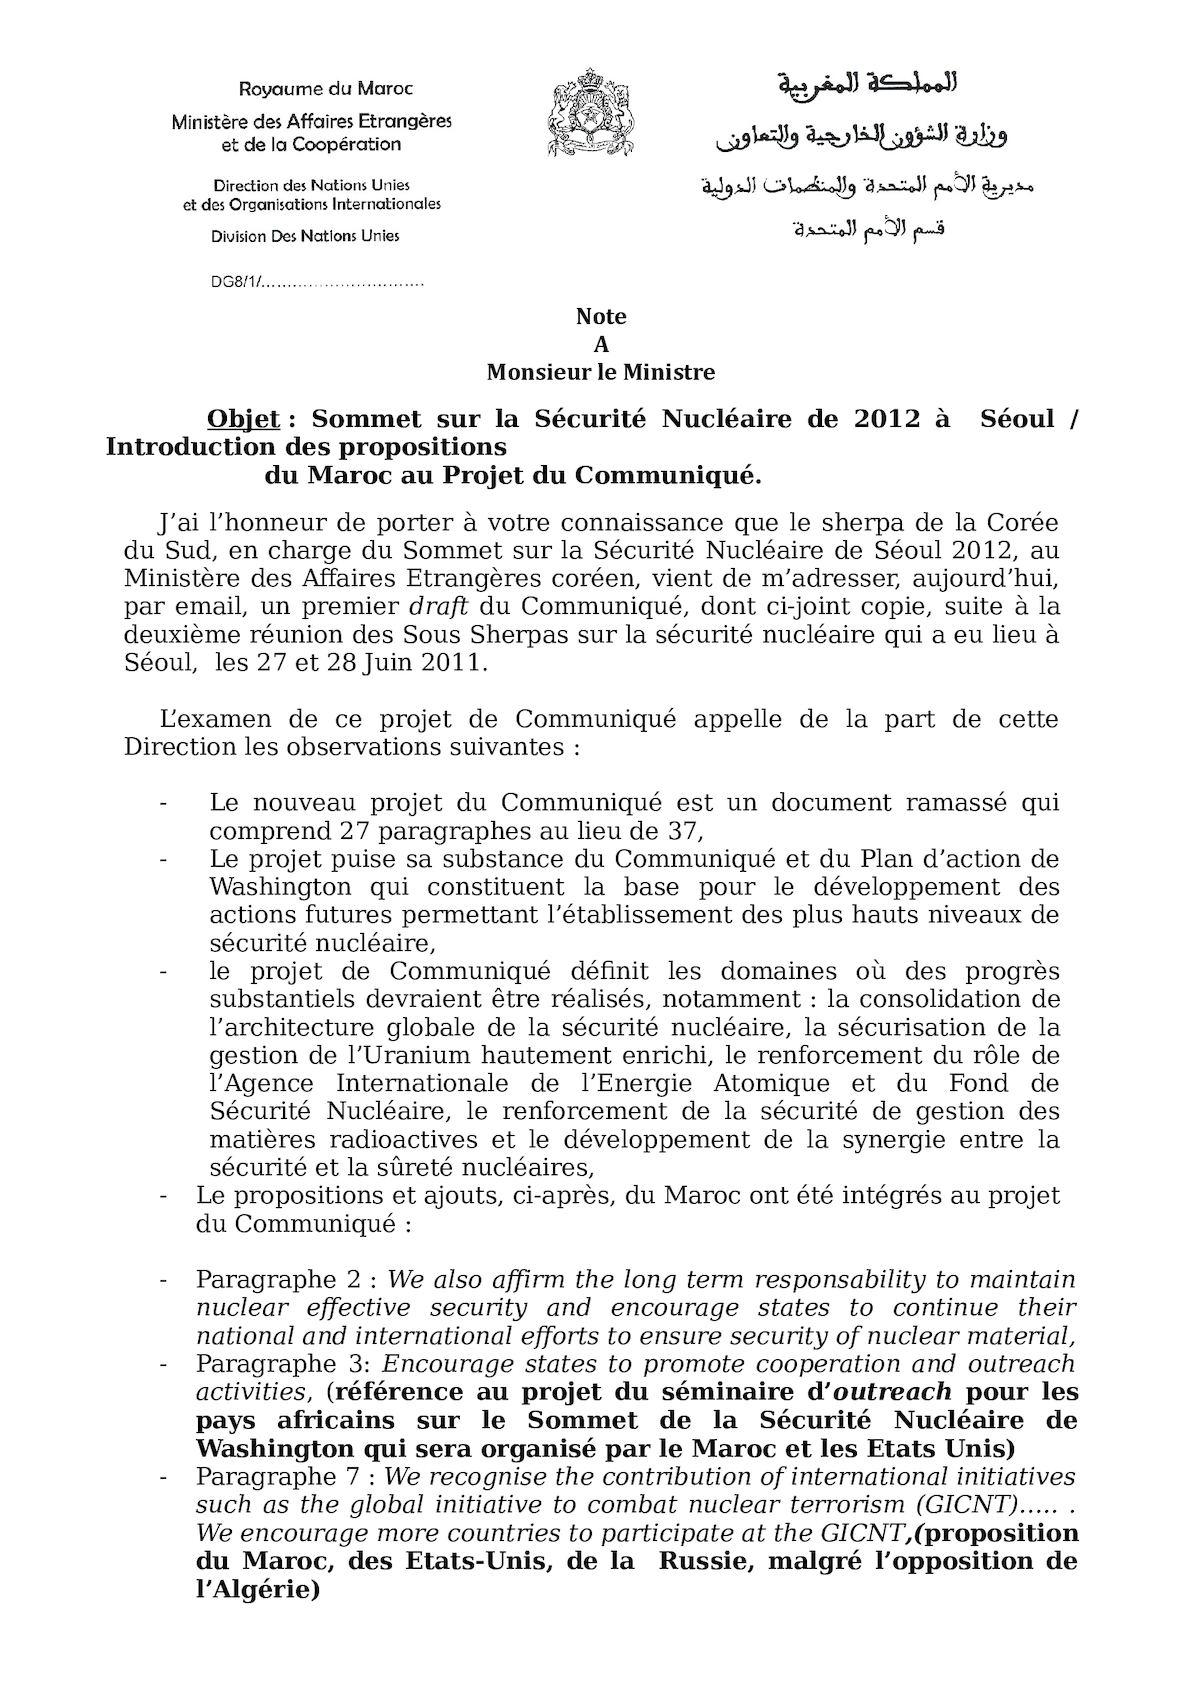 Note M Ministre  Réunion Des Ss Sherpa DRAFT COMMUNIQUE[1].